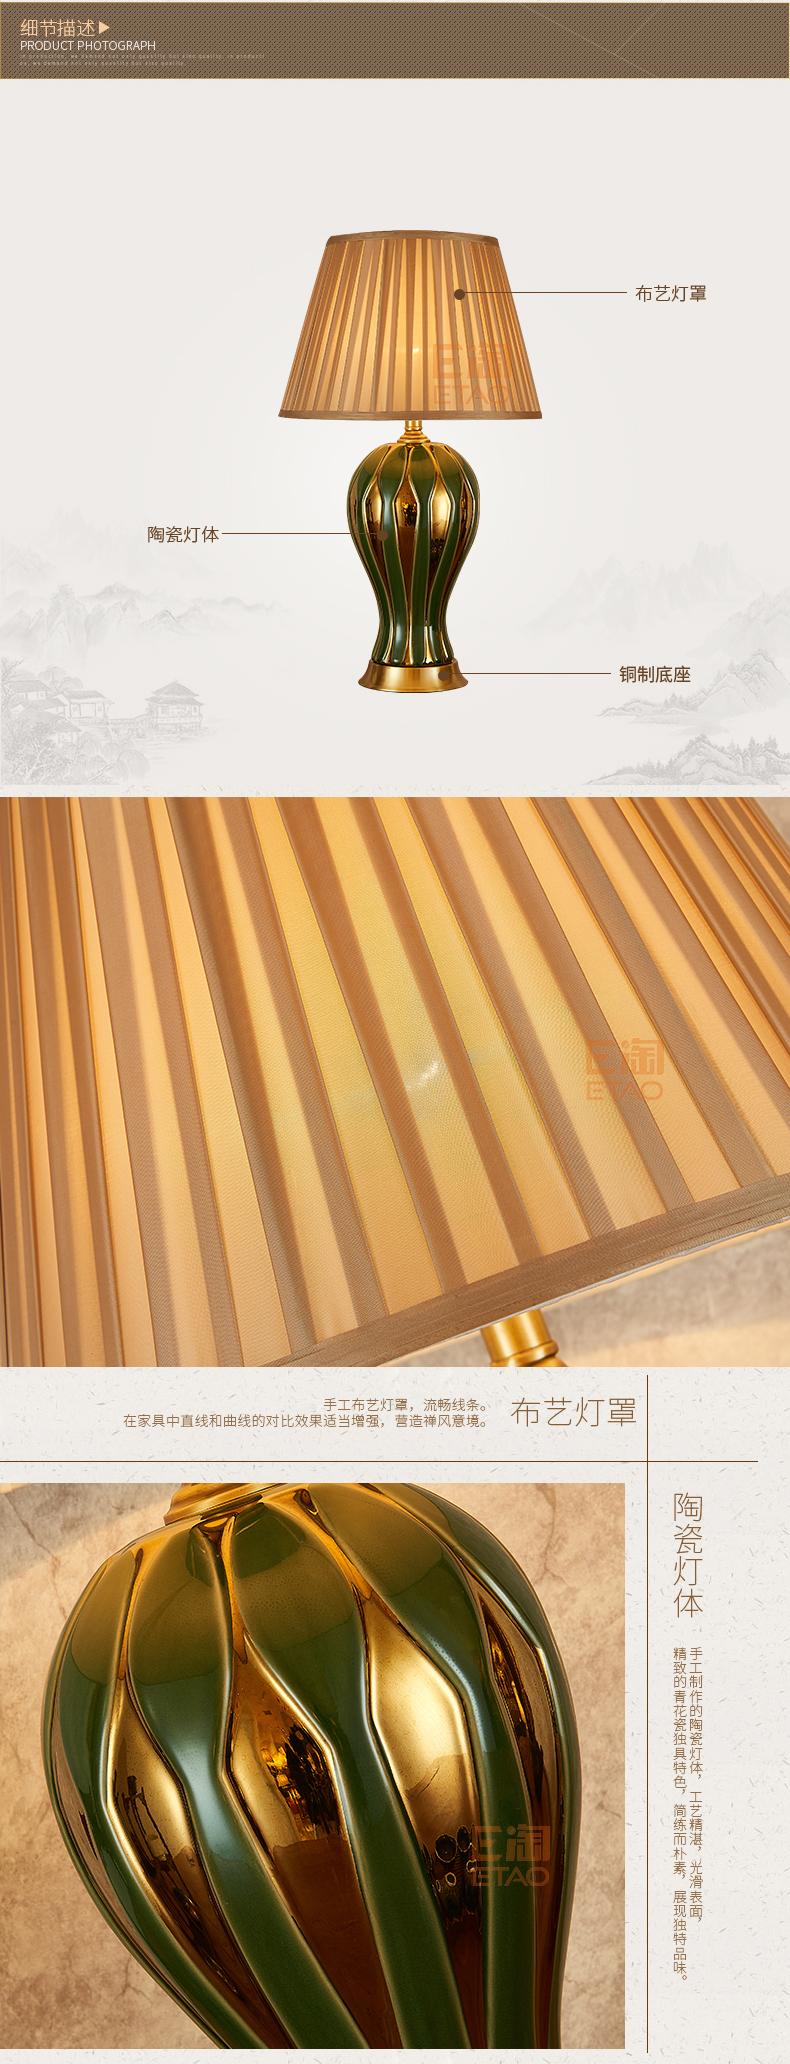 钰熙·雅瓷MT18309B (3)